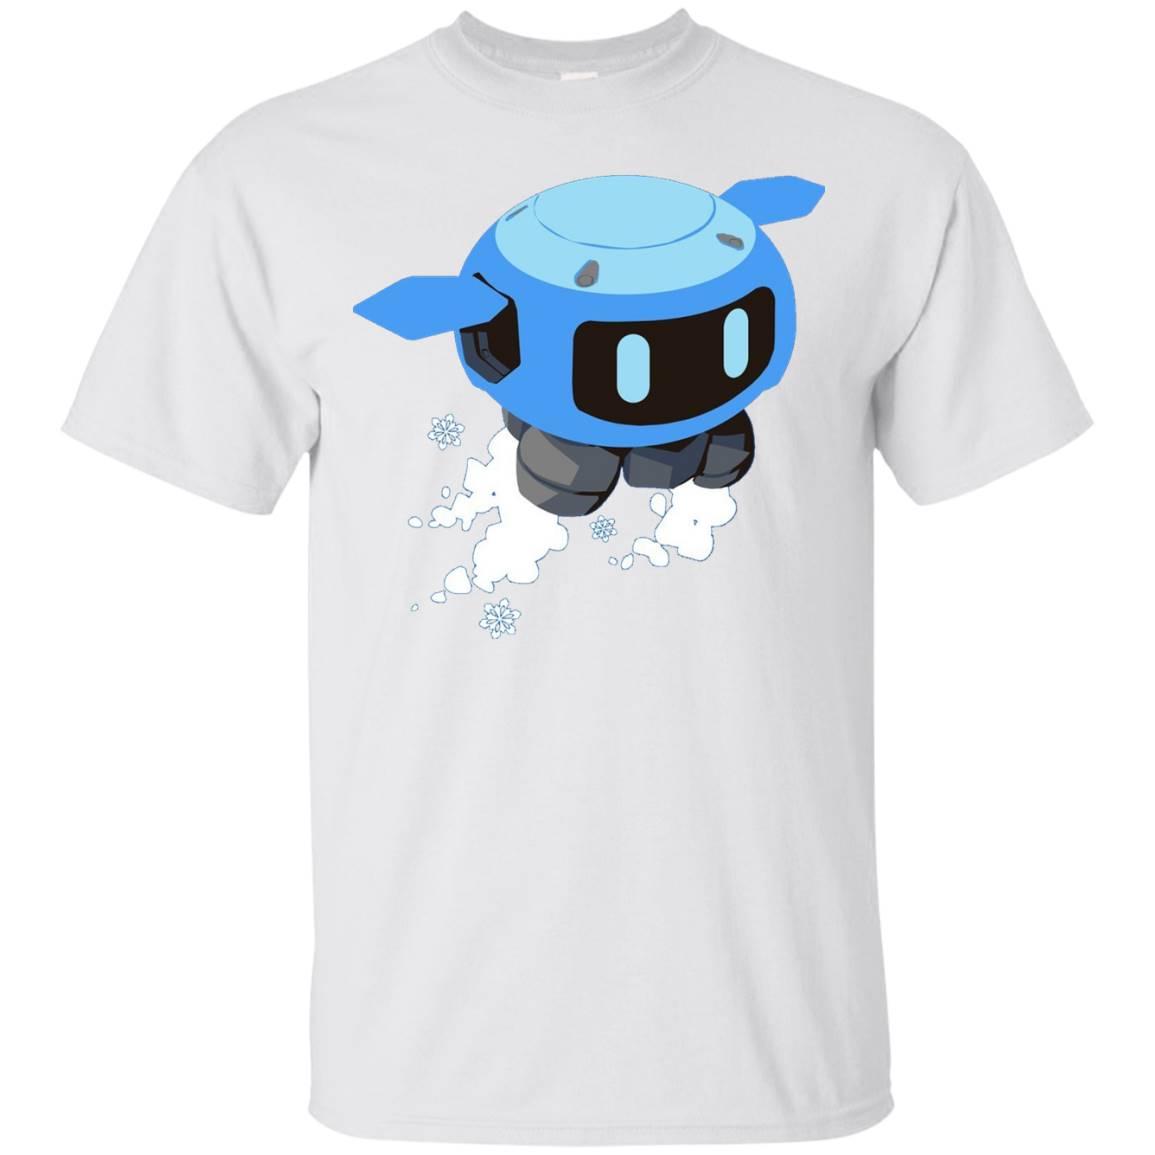 Overwatch Mei Snowball Spray Tee Shirt